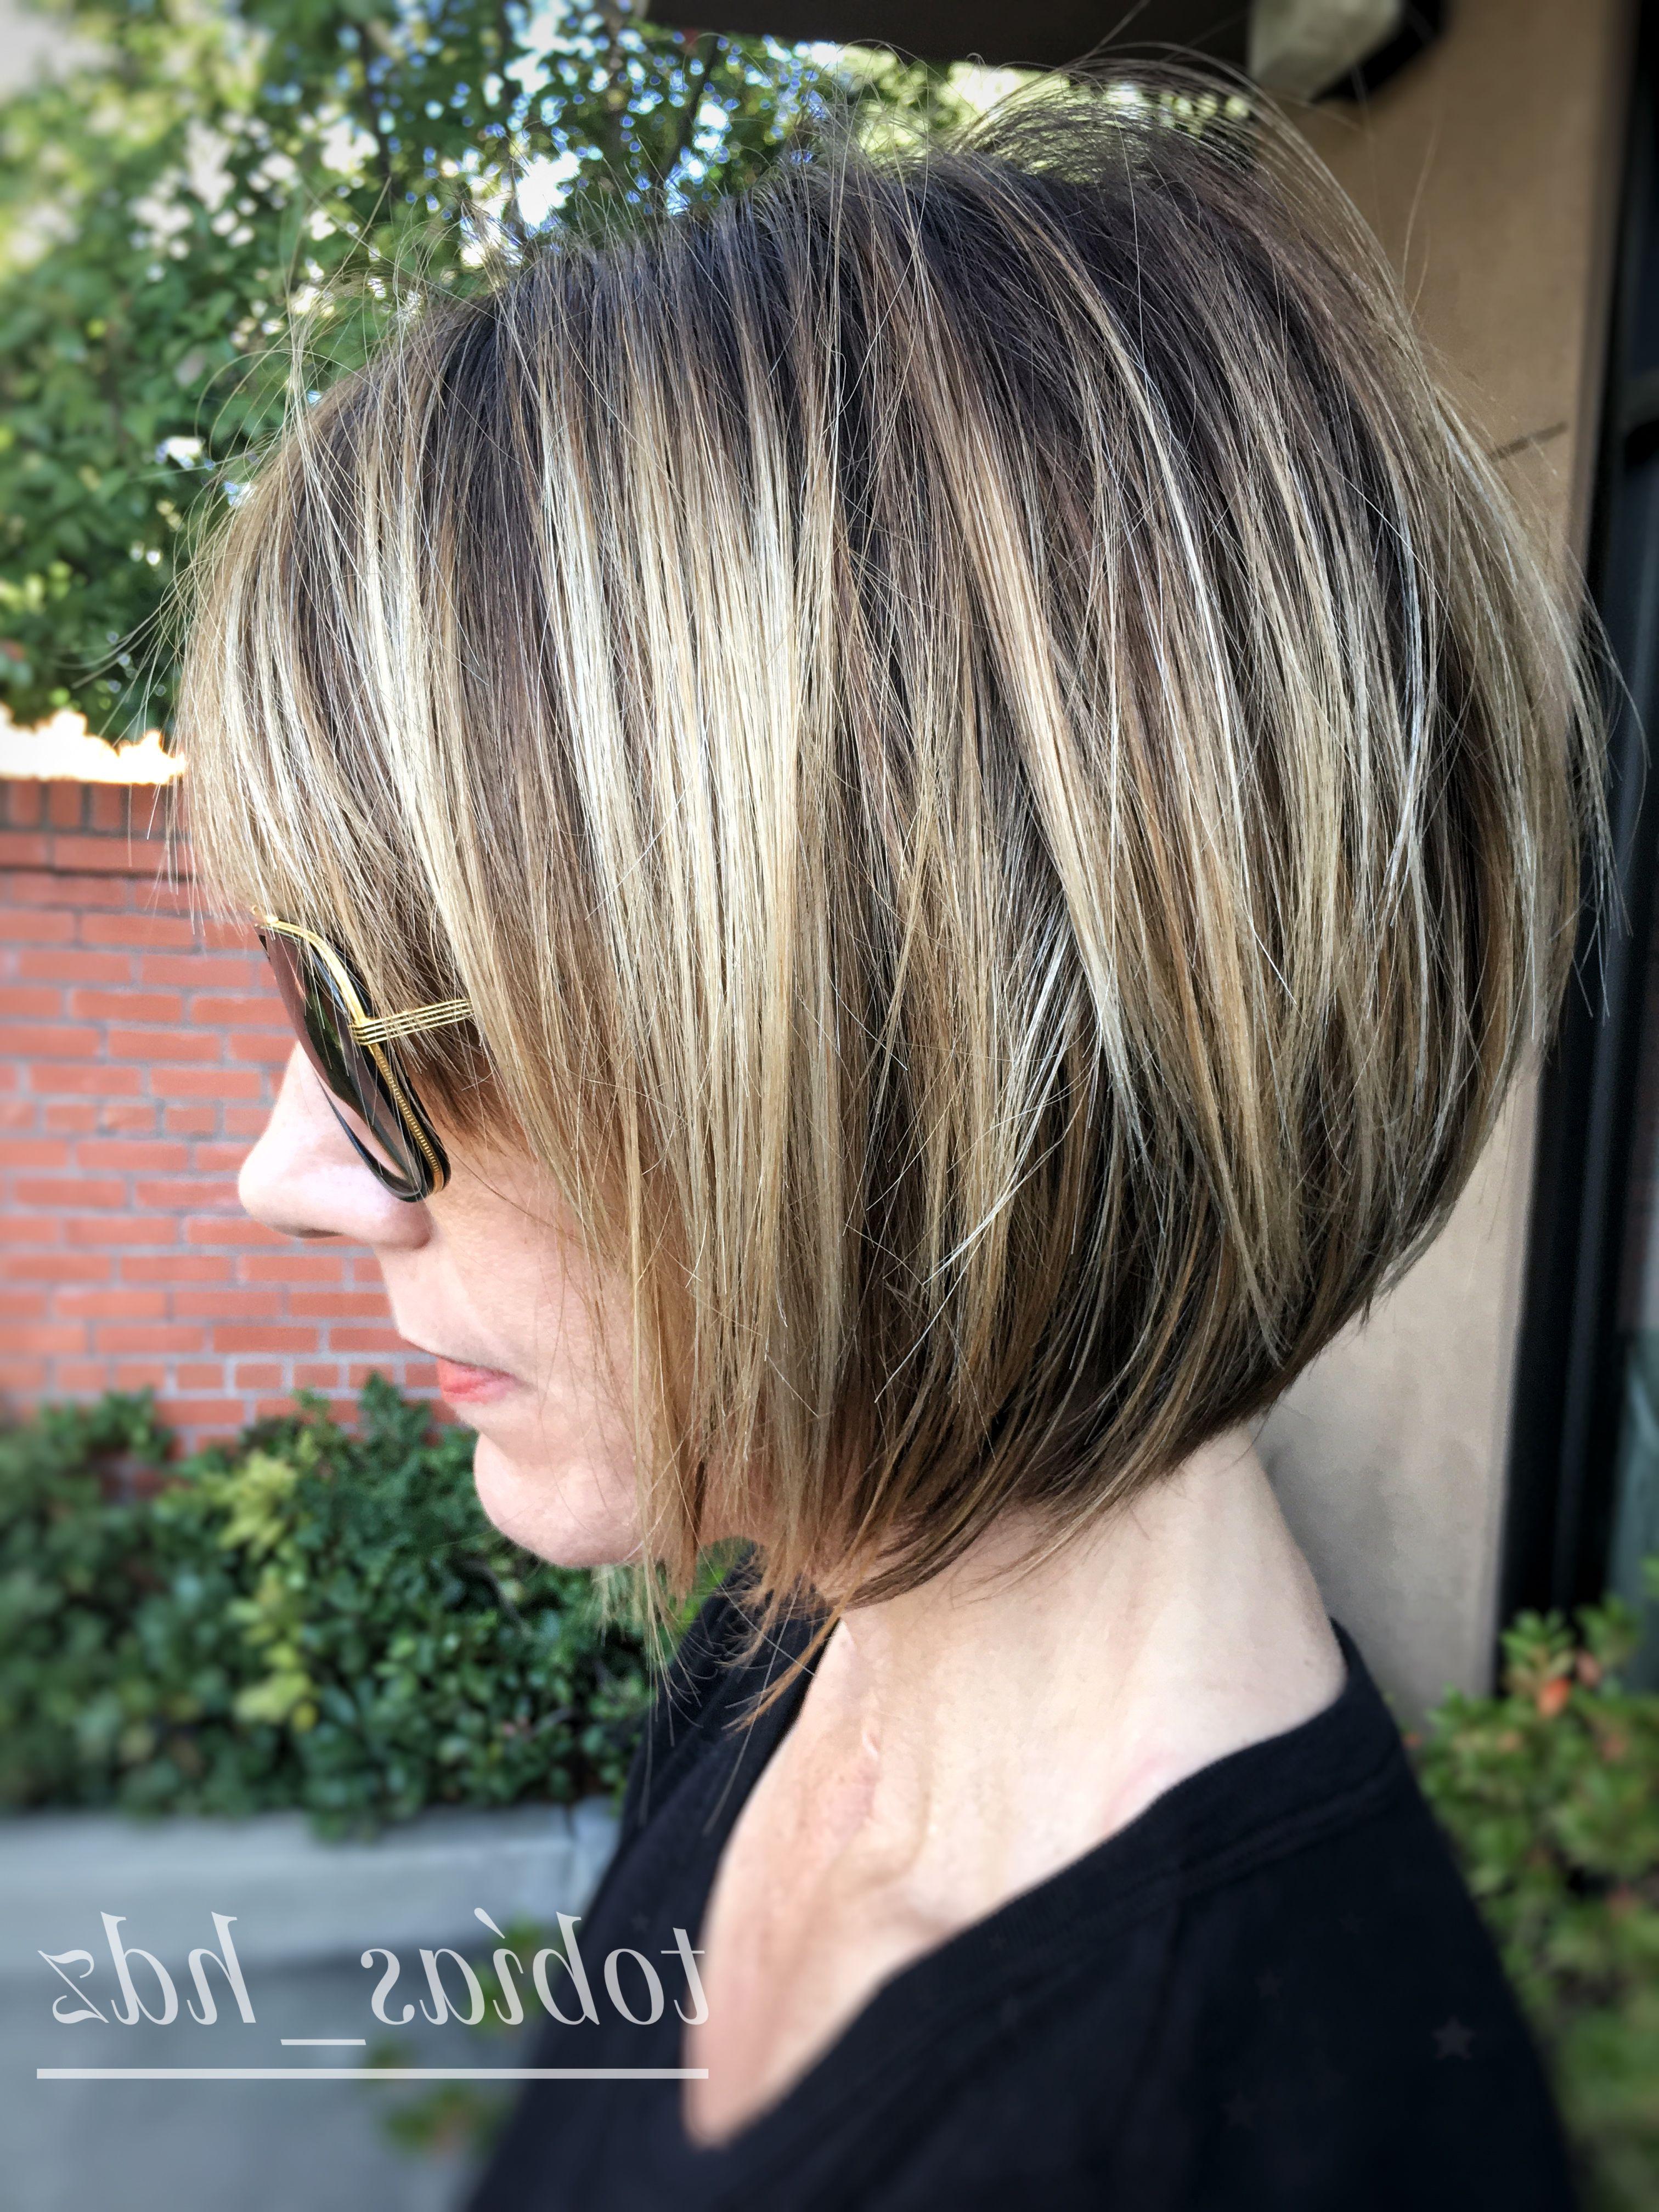 Short , Layered Bob, Balayage, Dimension, Cool Blonde | Haircuts Regarding Balayage Bob Haircuts With Layers (View 19 of 20)